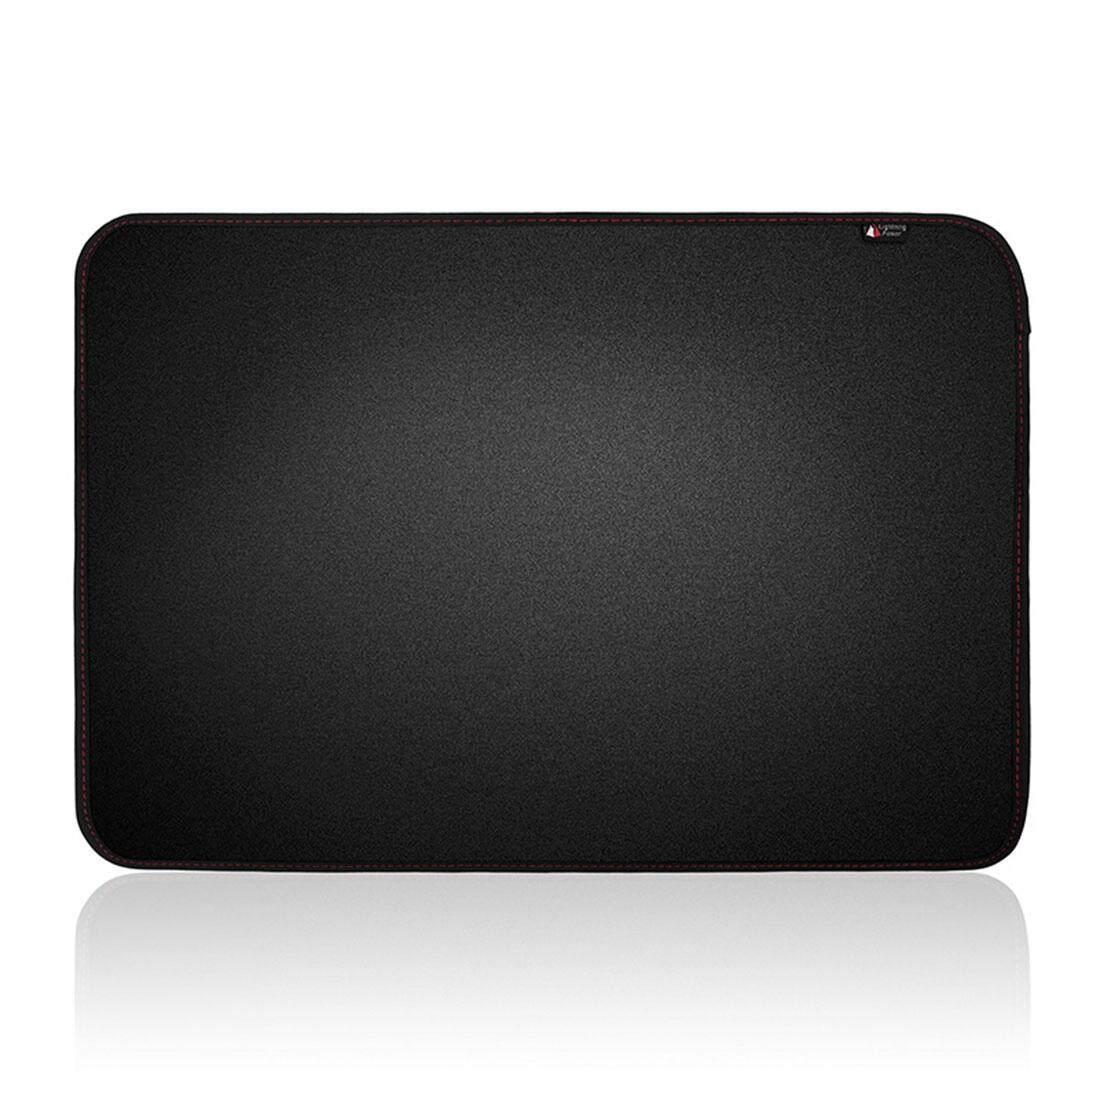 Untuk 21 Inch Apple iMac Portabel Tahan Debu Sarung Desktop Apple Monitor LCD Komputer Sarung dengan Tas Penyimpanan, Ukuran: 54.5X38.1 Cm (Hitam)